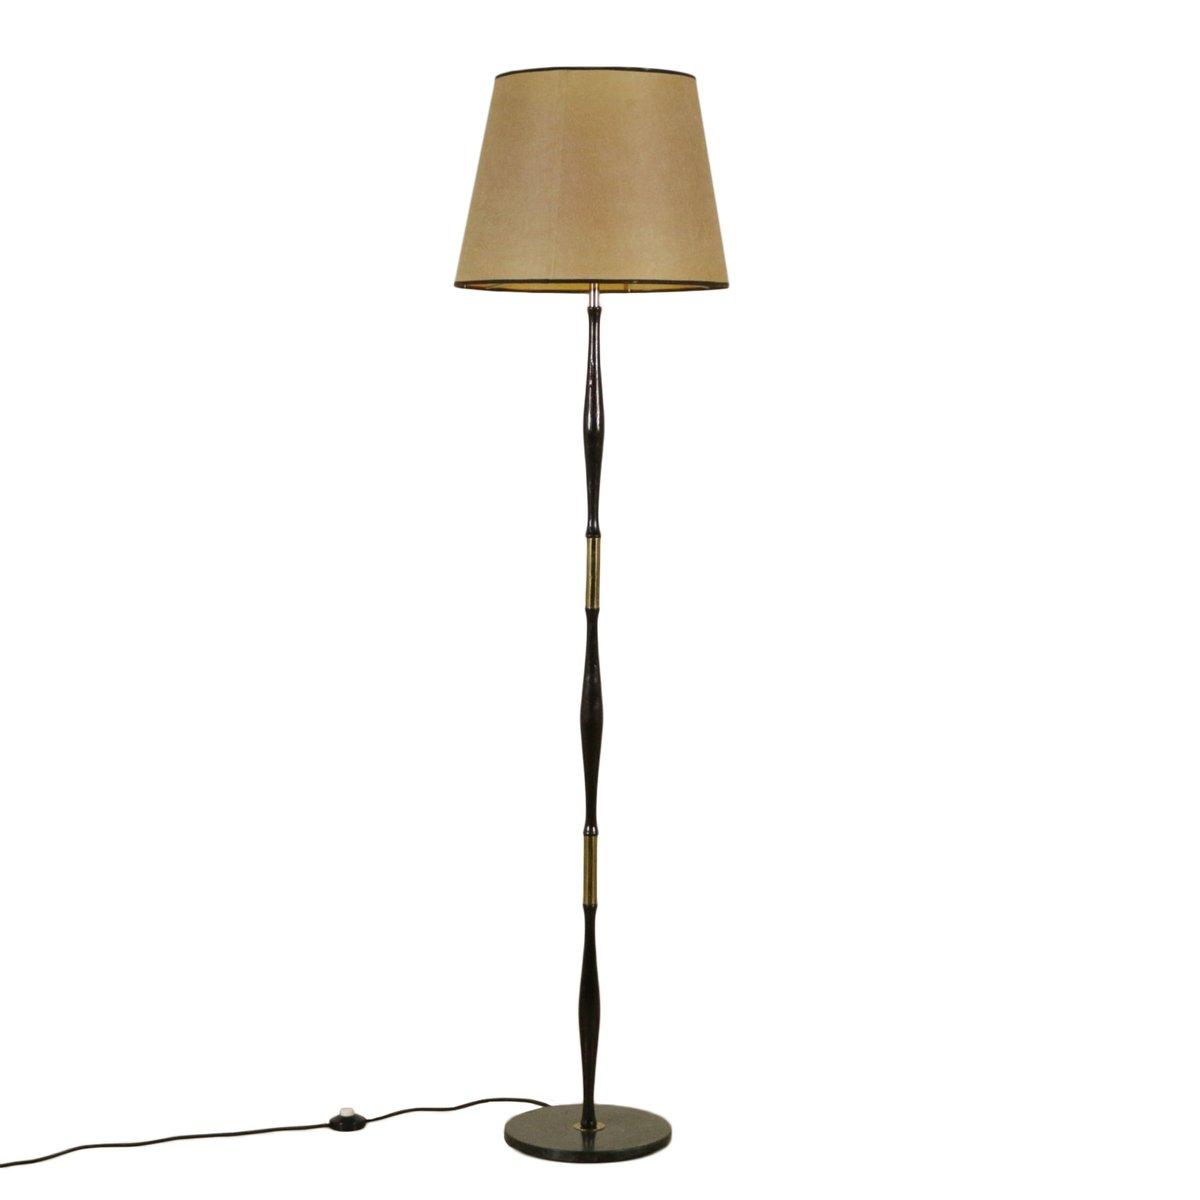 Stehlampe aus gebeiztem Ebenholz, Marmor und Messing, 1950er